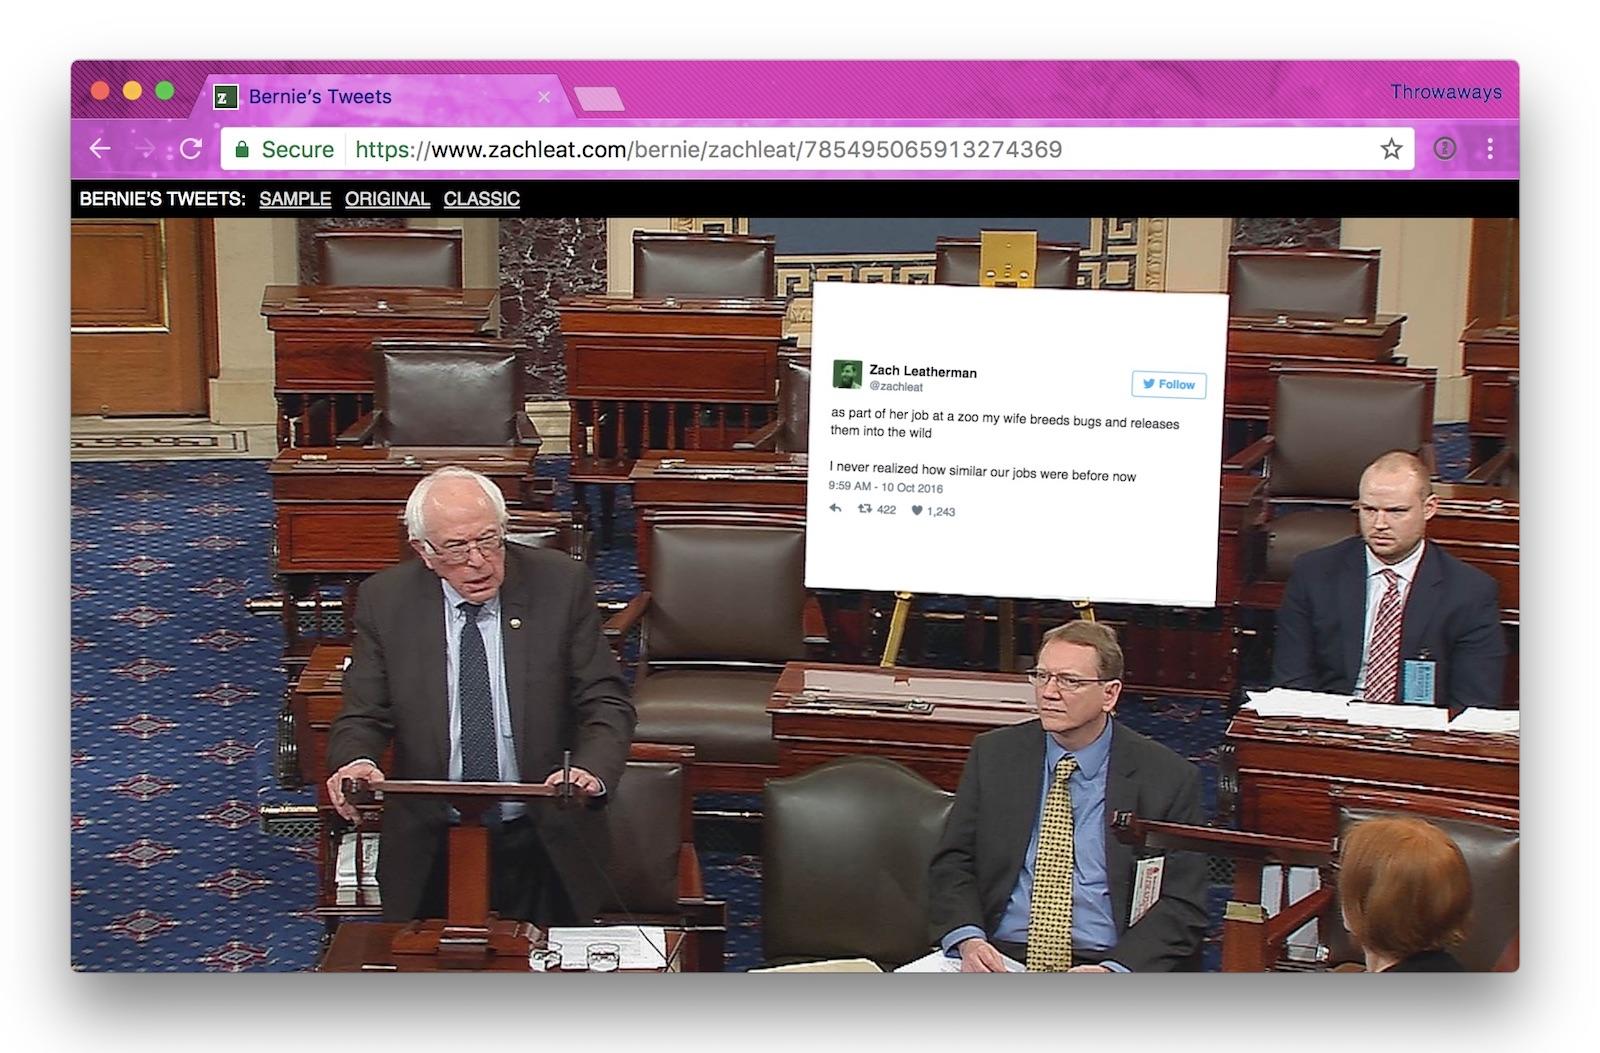 Screenshot of Bernie Tweets